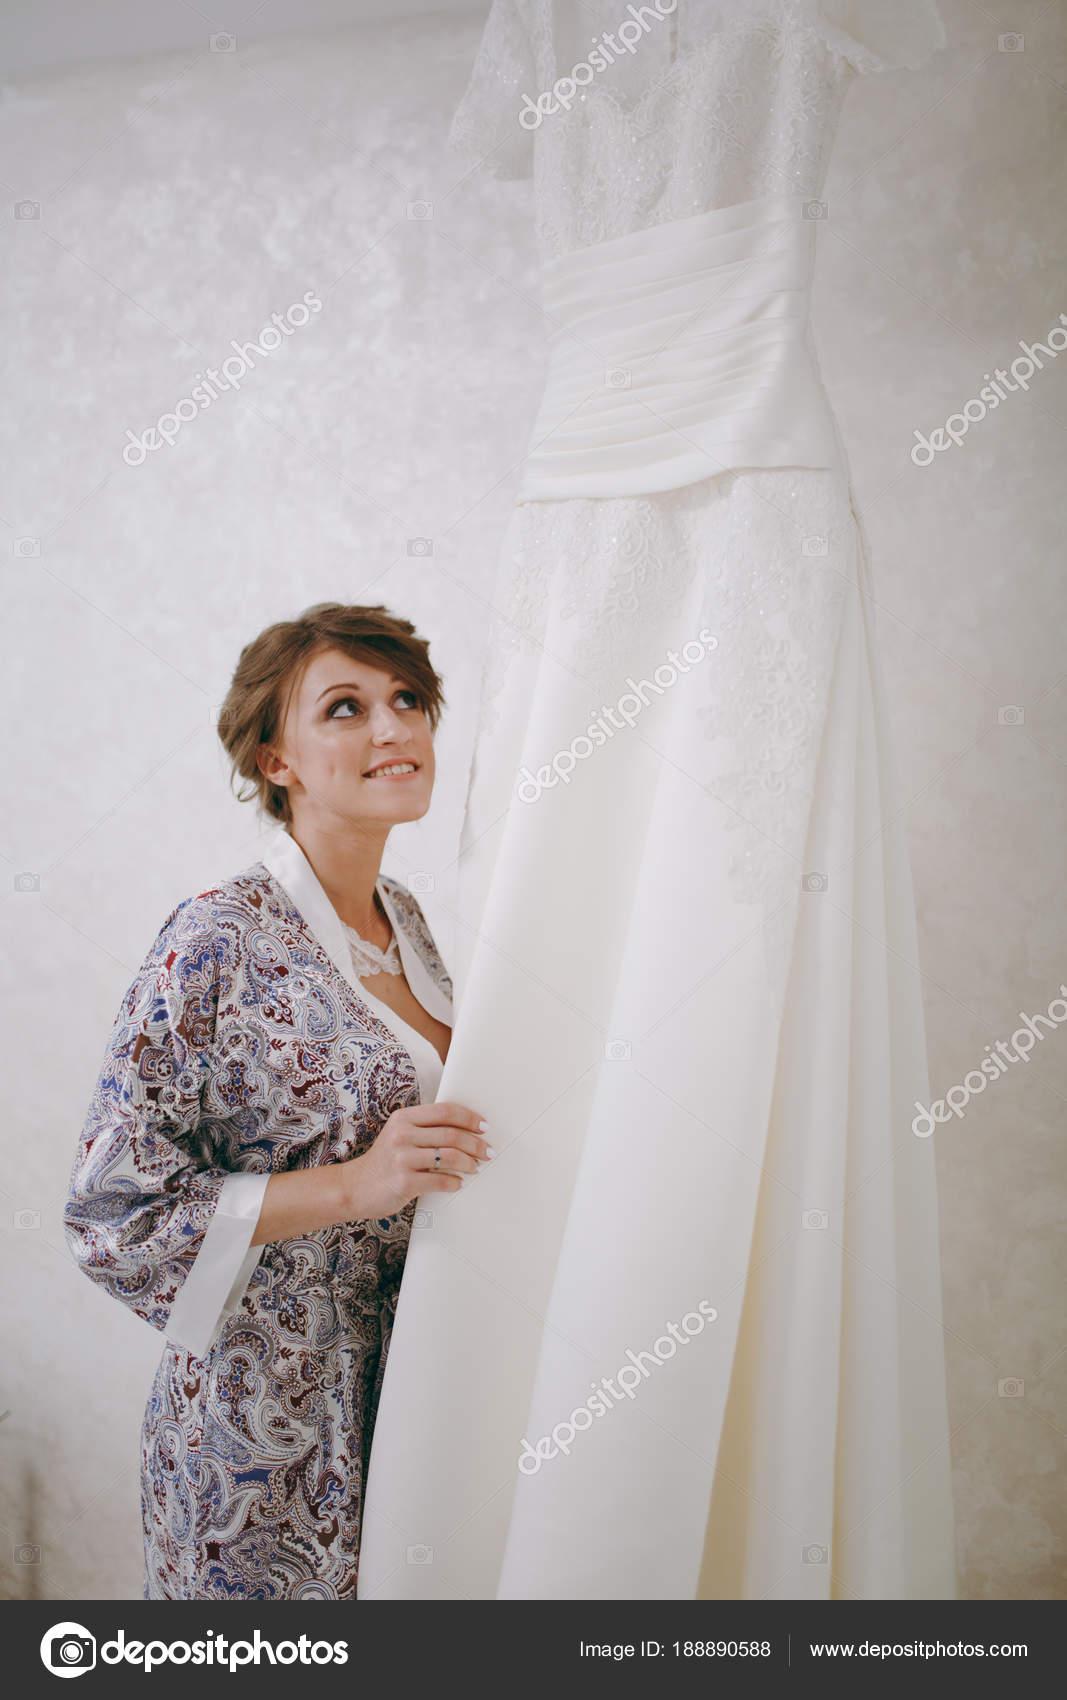 Nevěsta v Vzorované šaty s krásný účes stojí vedle její svatební bílé dlouhé  krajkové šaty 48661b47d0a